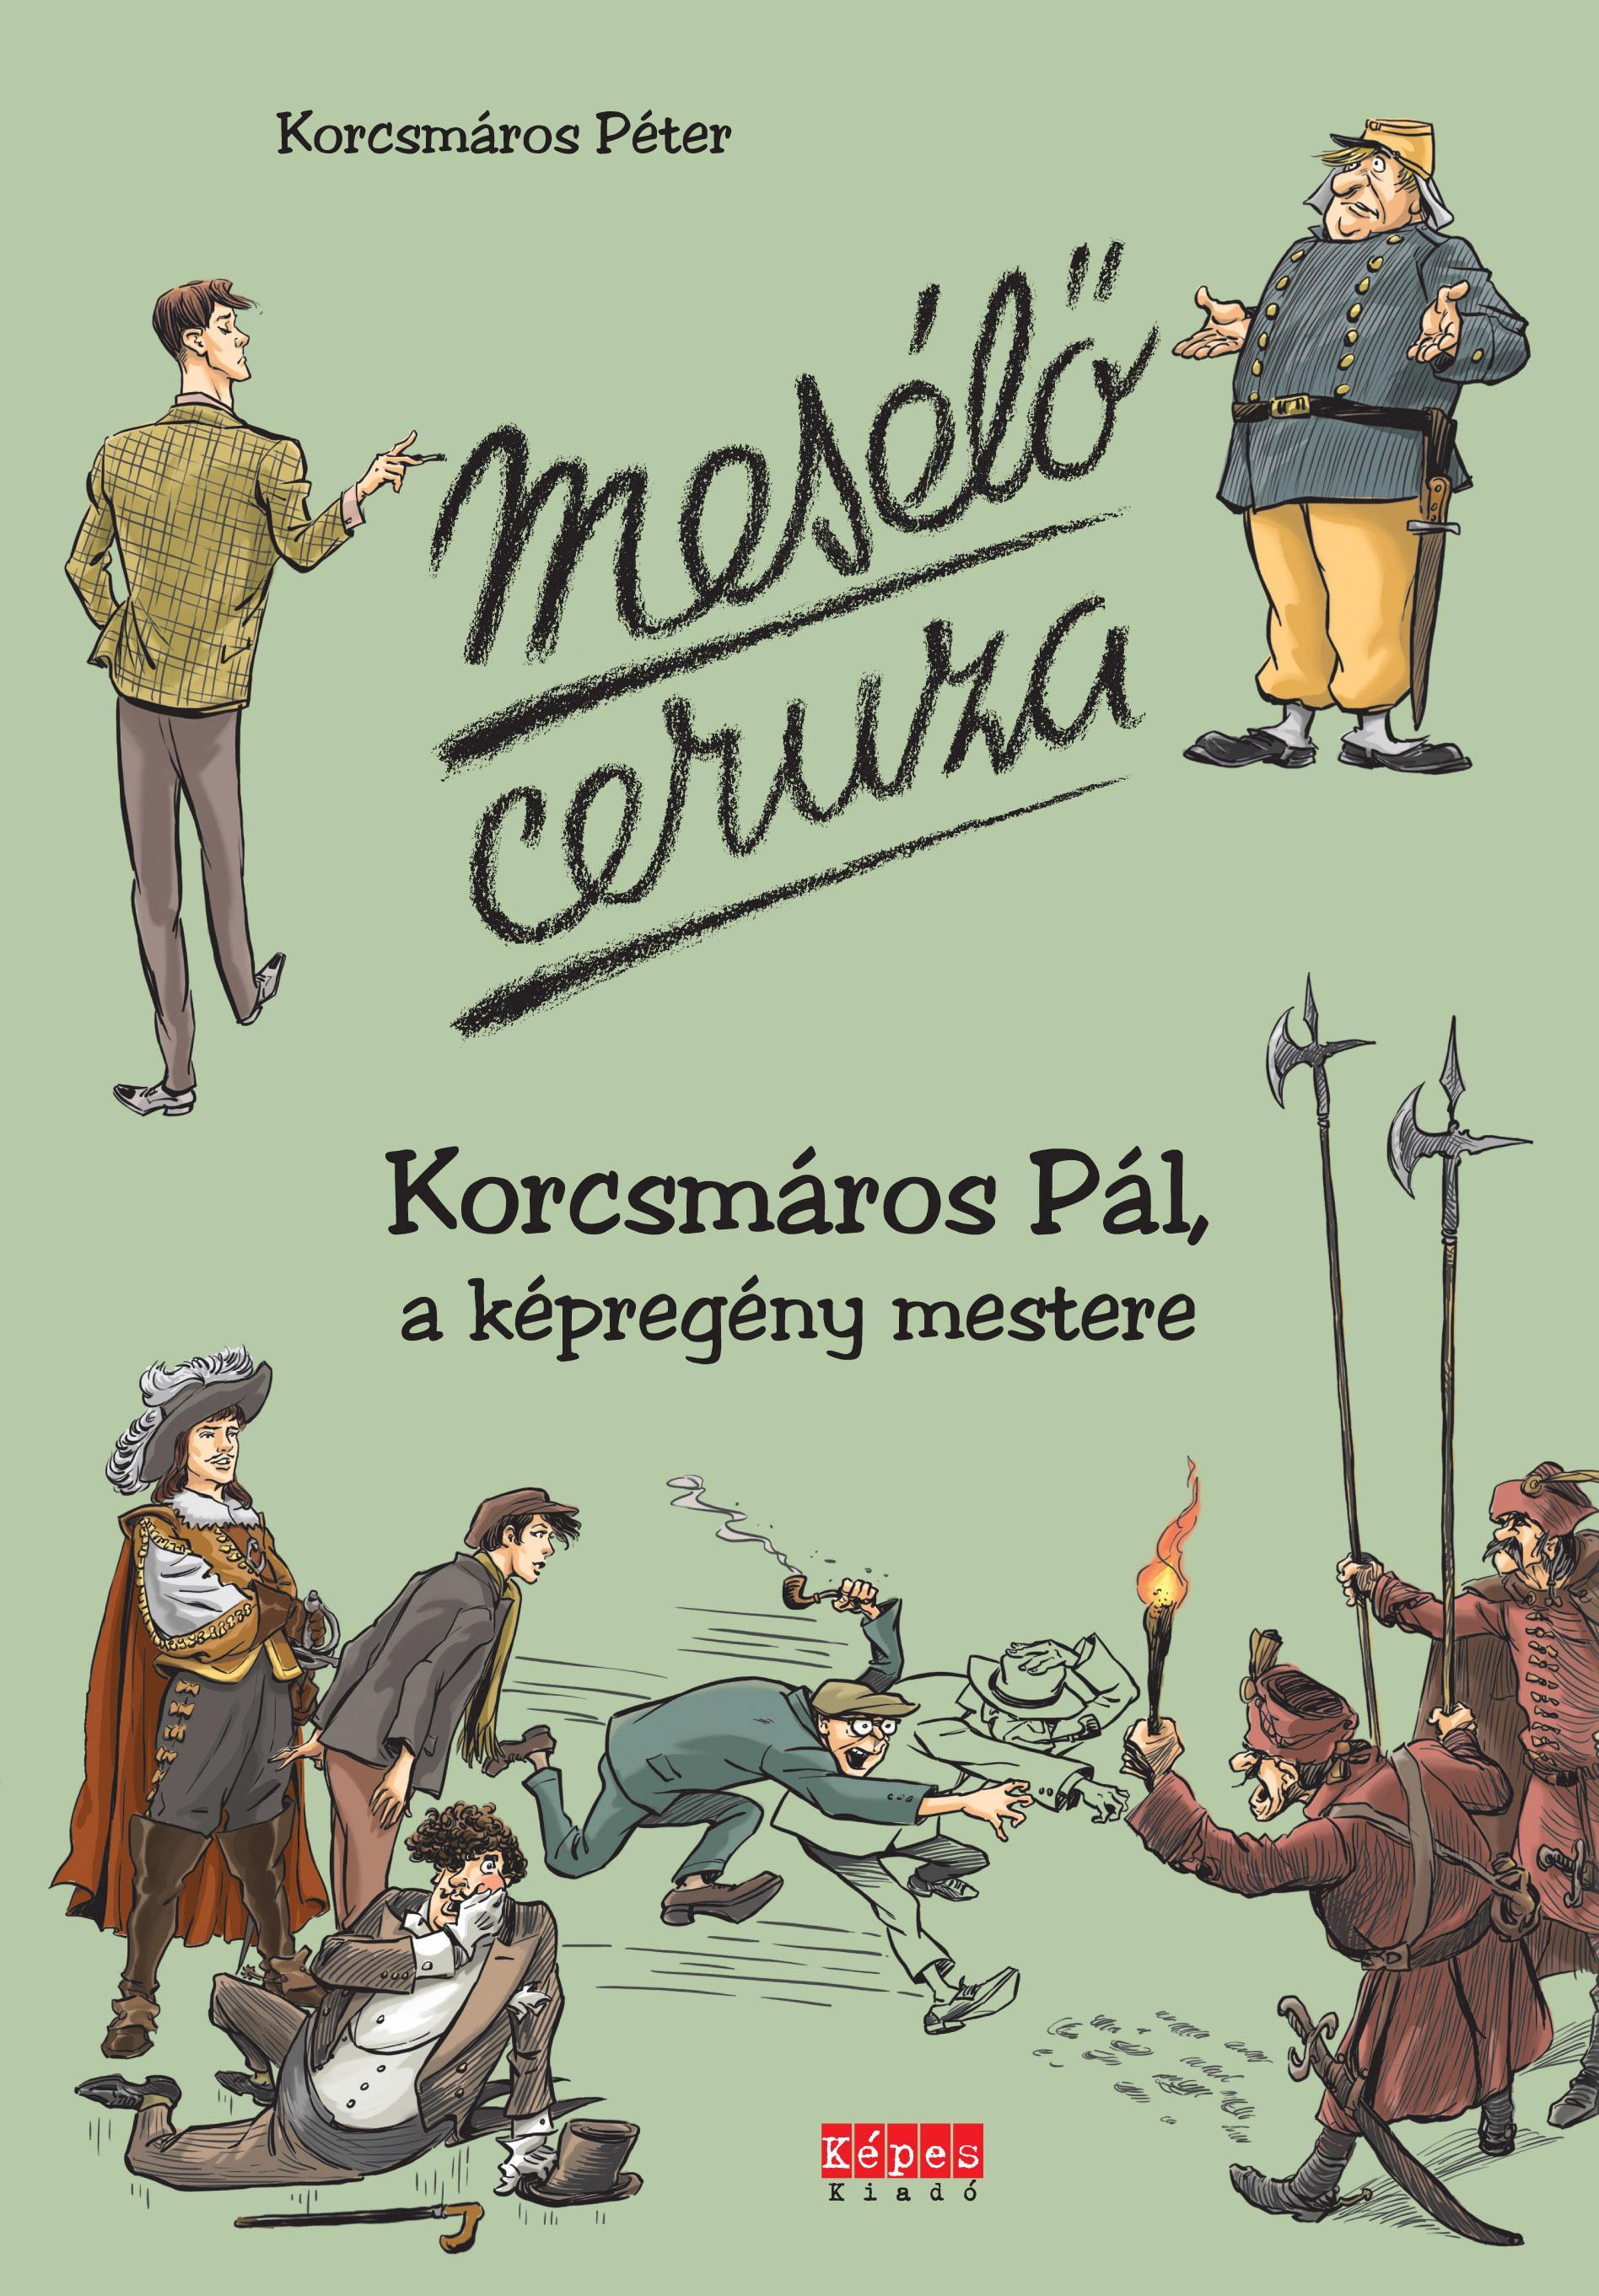 MESÉLŐ CERUZA - KORCSMÁROS PÁL, A KÉPREGÉNY MESTERE